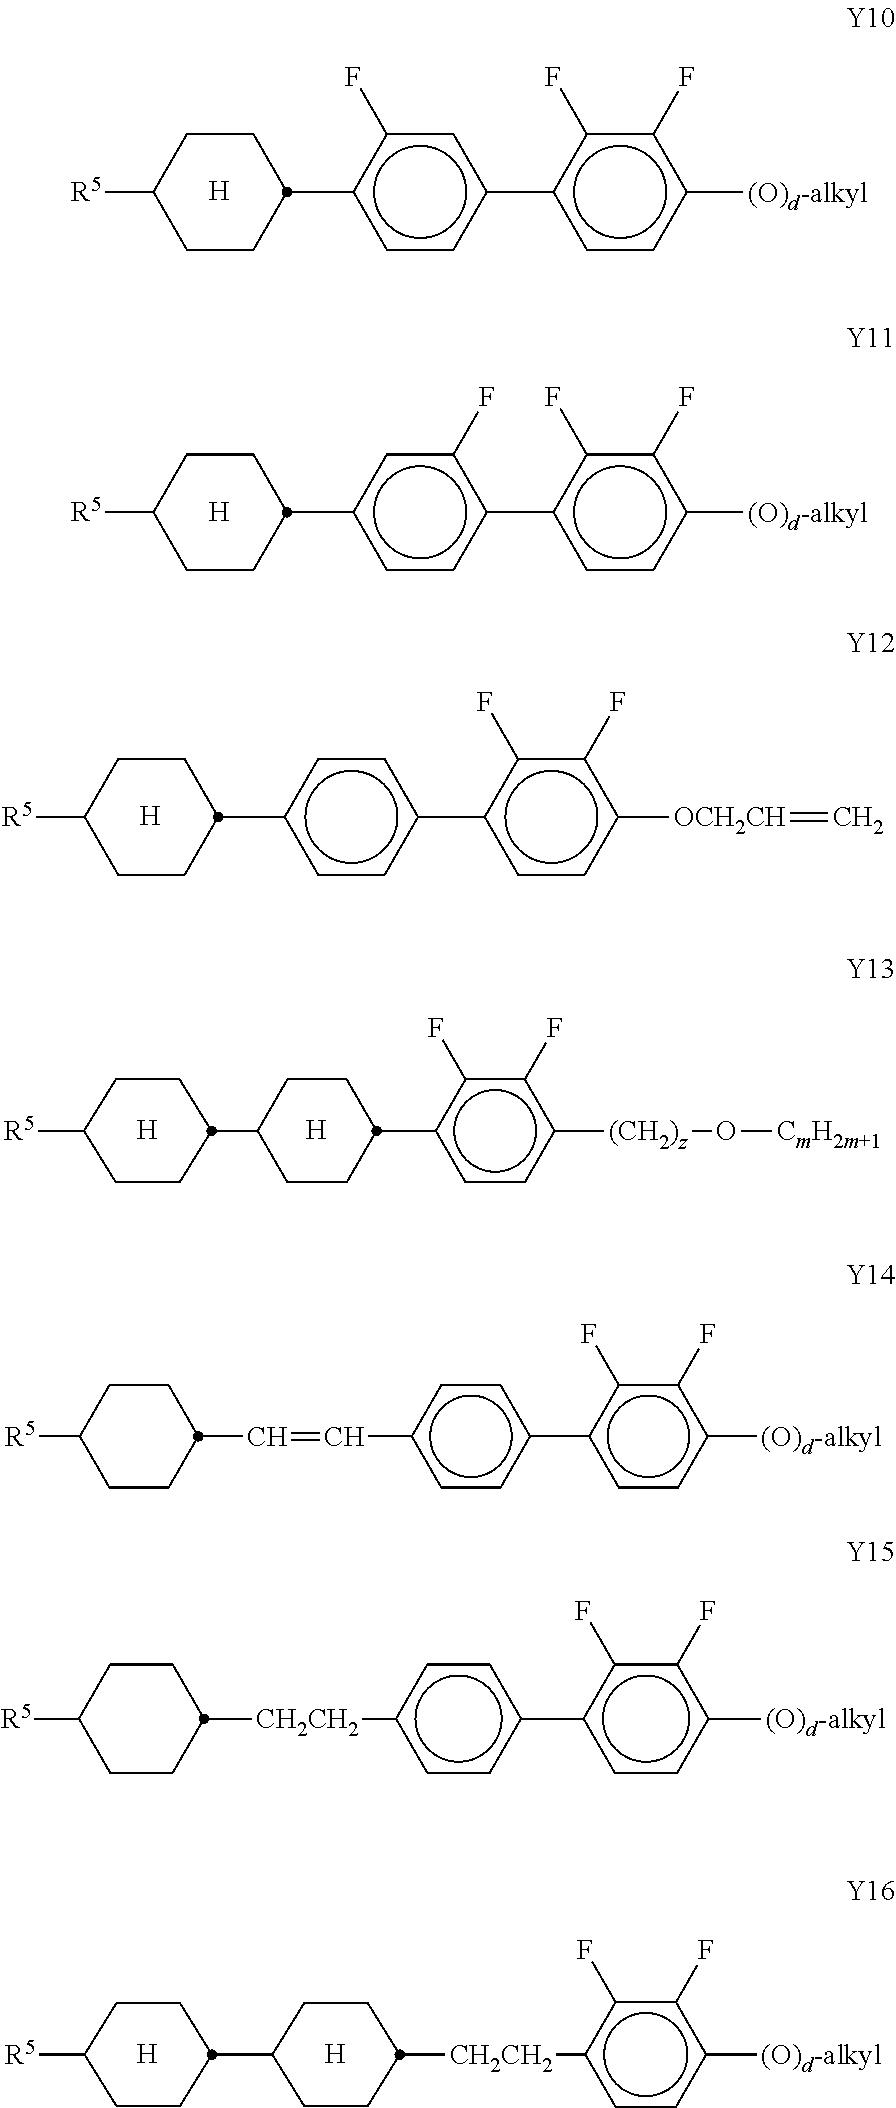 Figure US20100304049A1-20101202-C00042